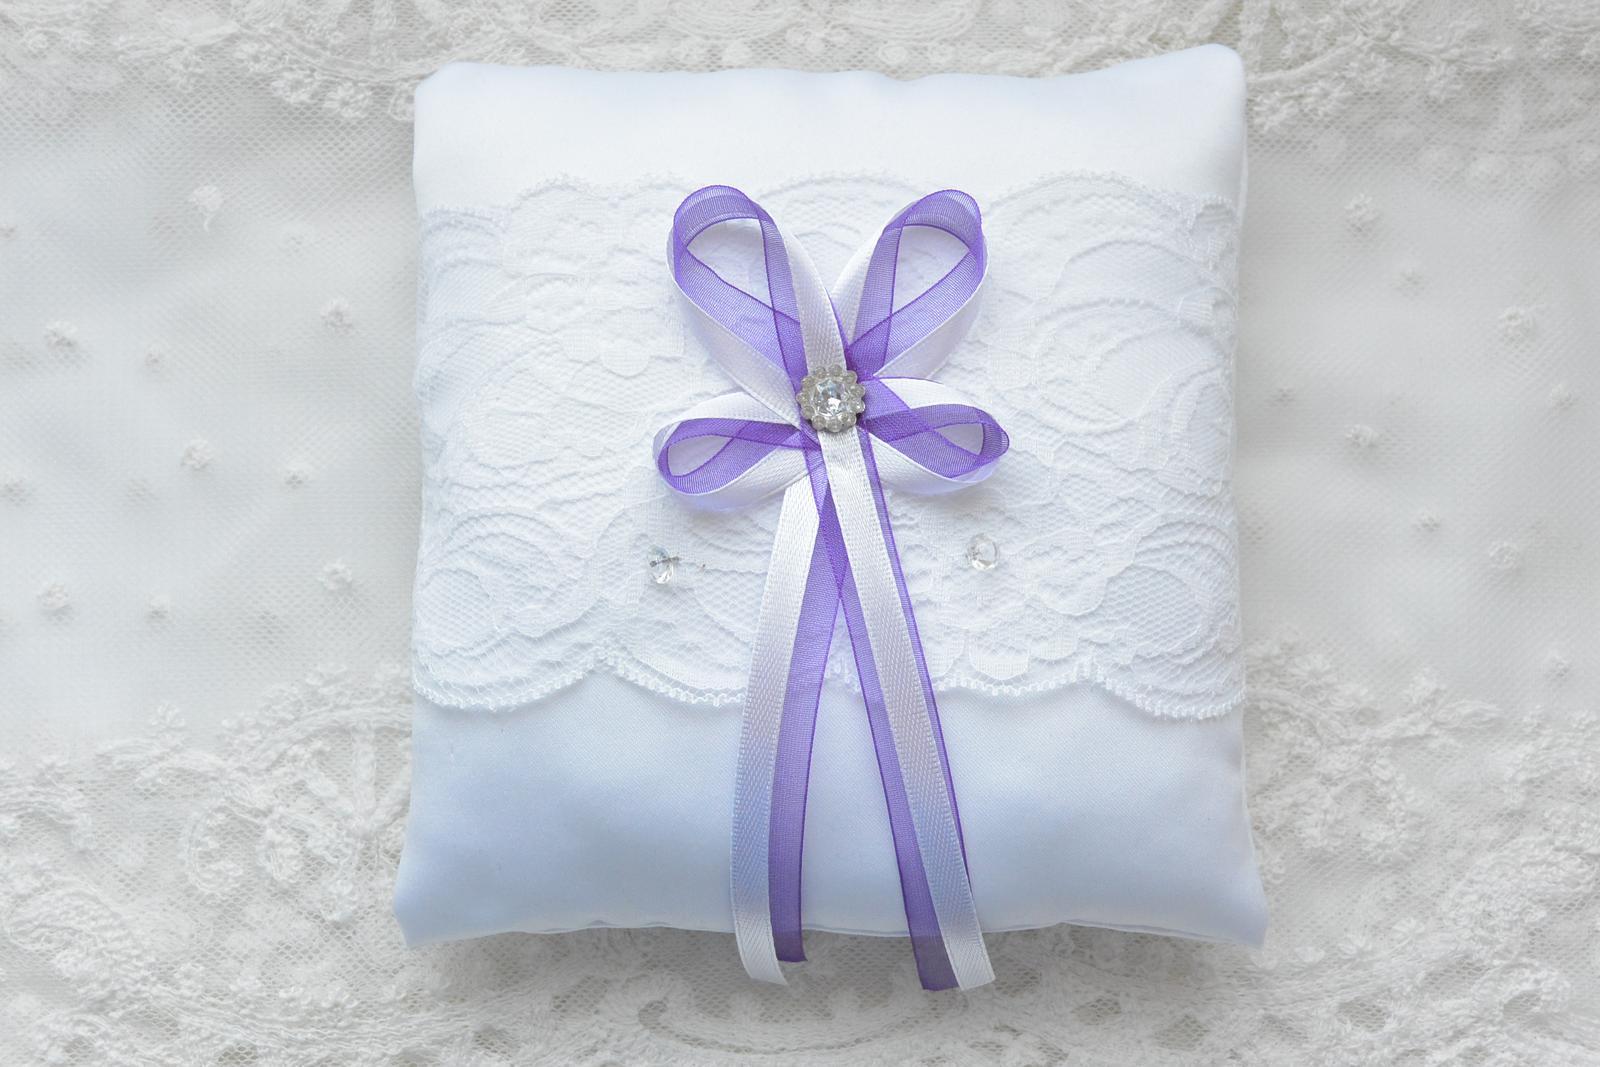 Fialový svatební polštářek pod prstýnky - Obrázek č. 1